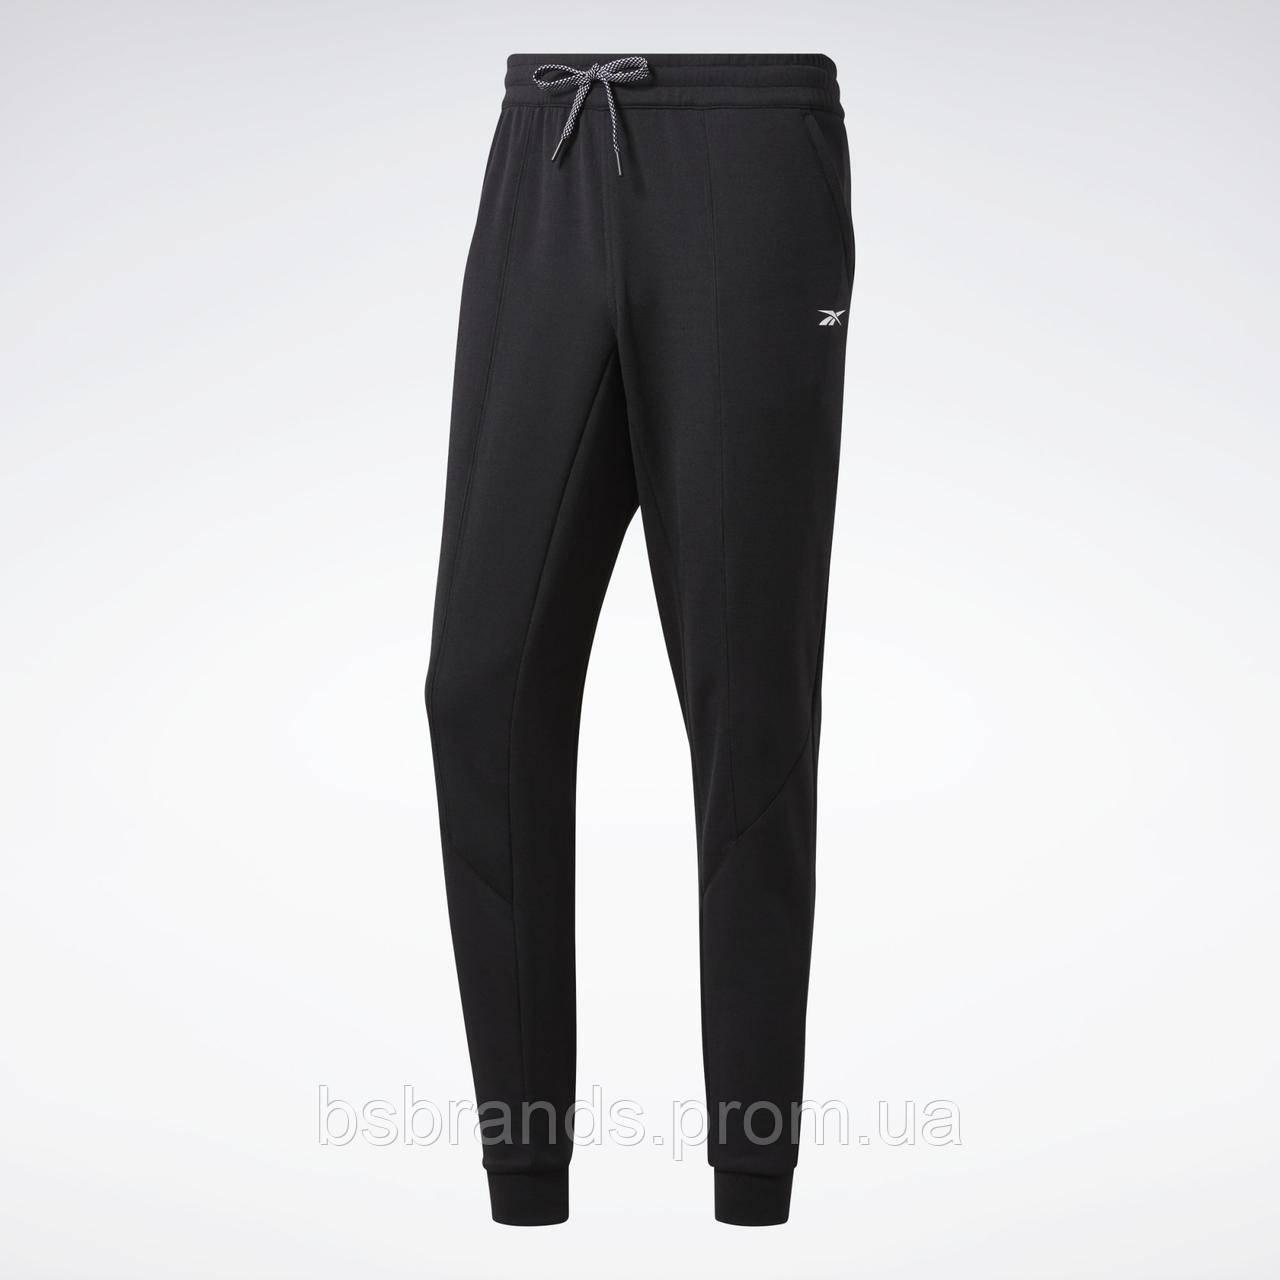 Мужские штаны-джоггеры Reebok Workout Ready FJ4063 (2020/1)